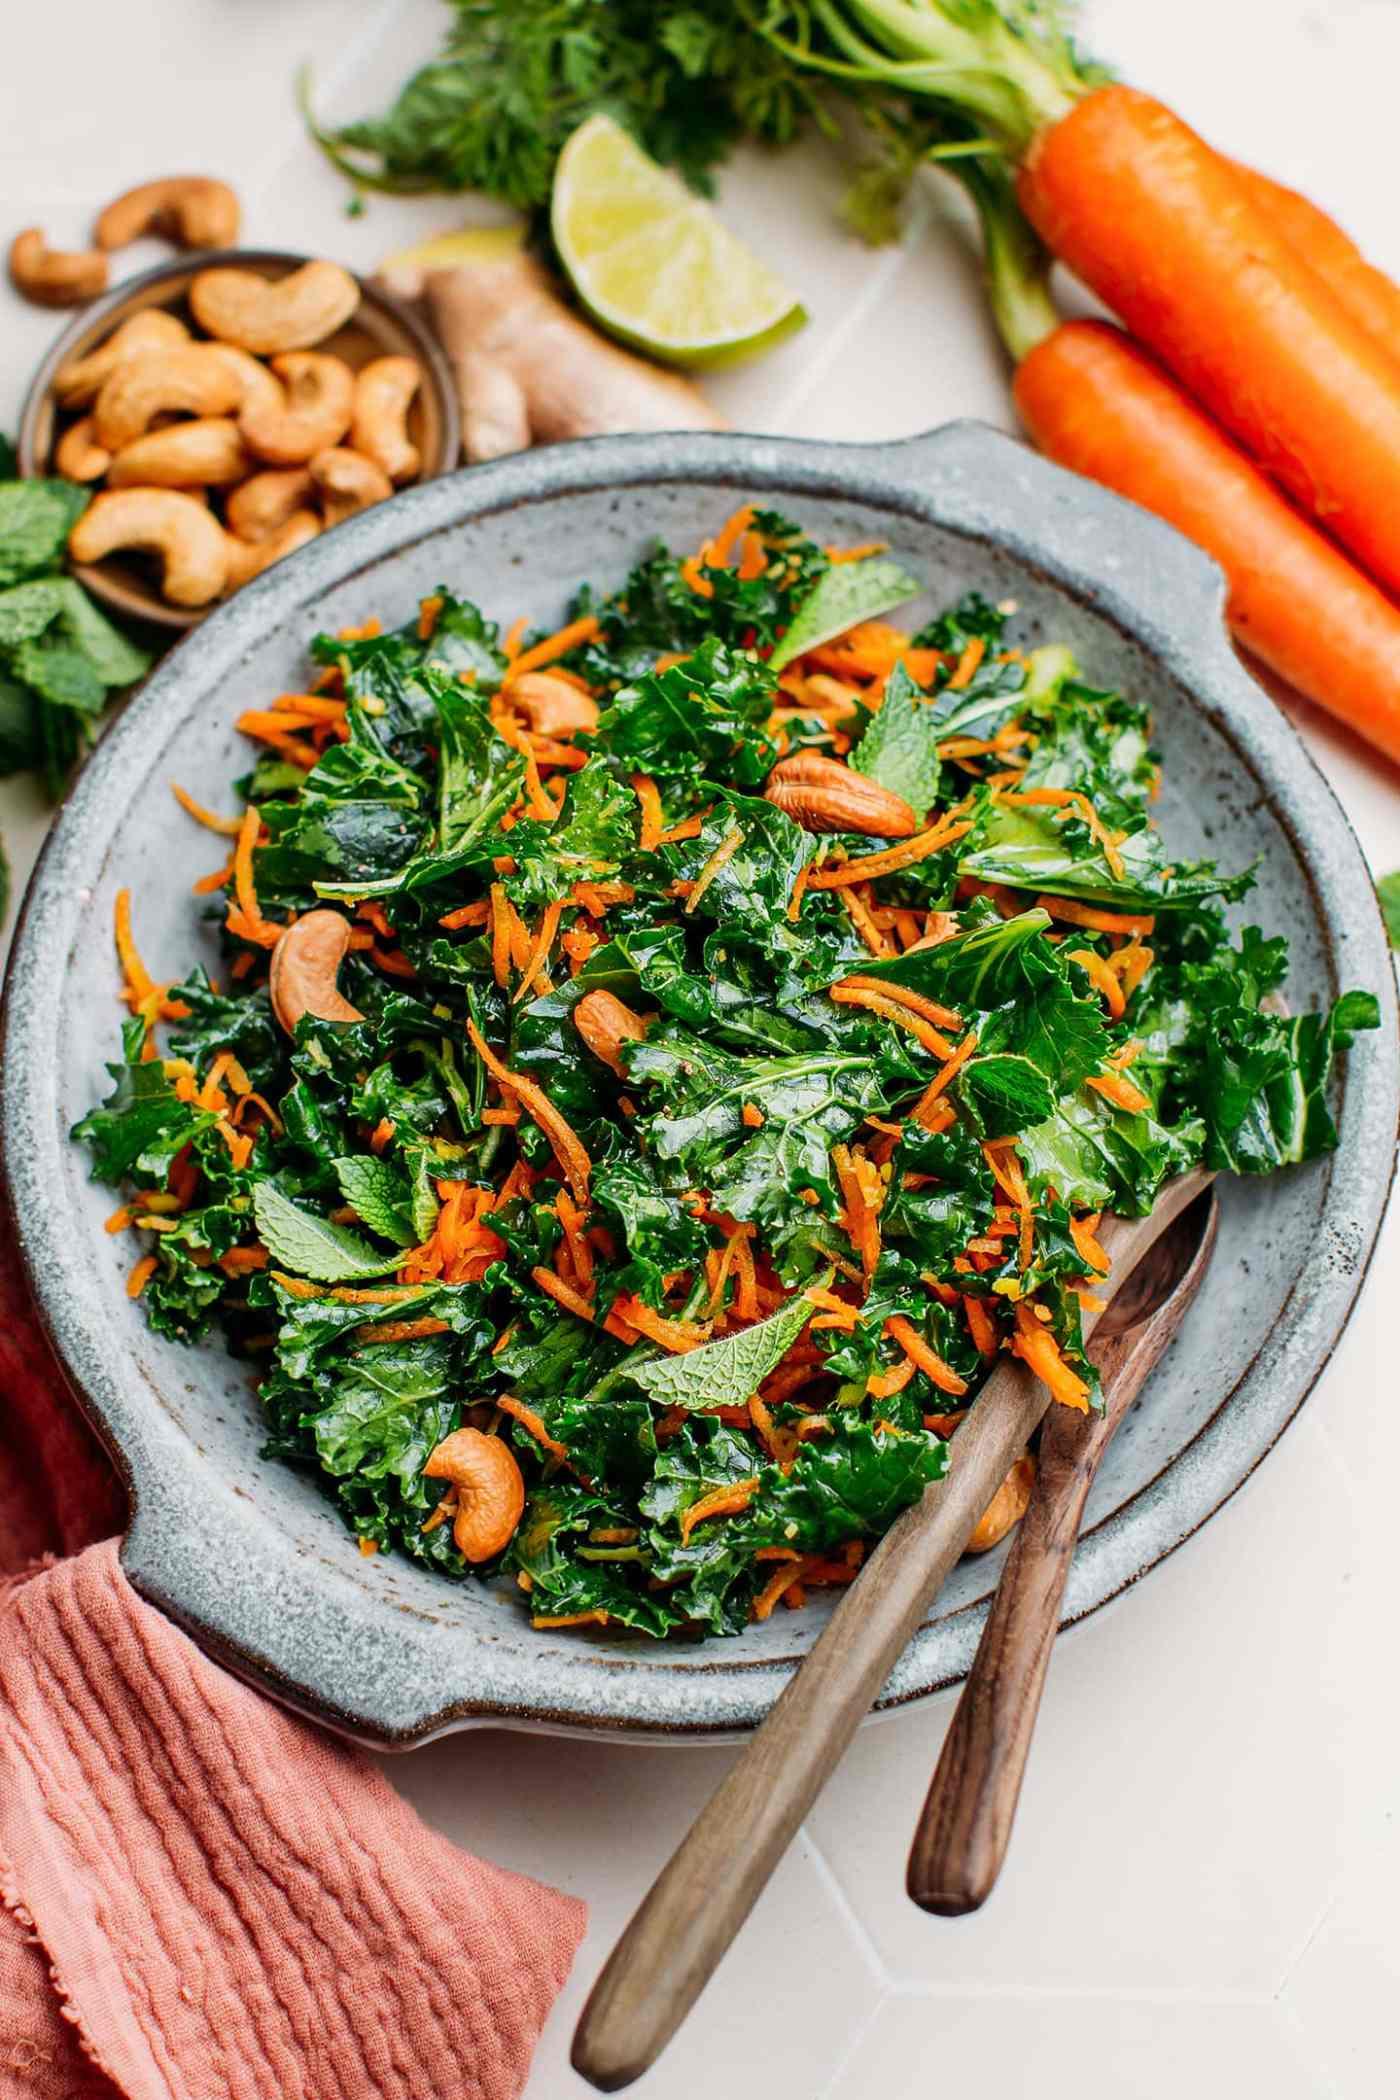 10-Minute Ginger Carrot & Kale Salad